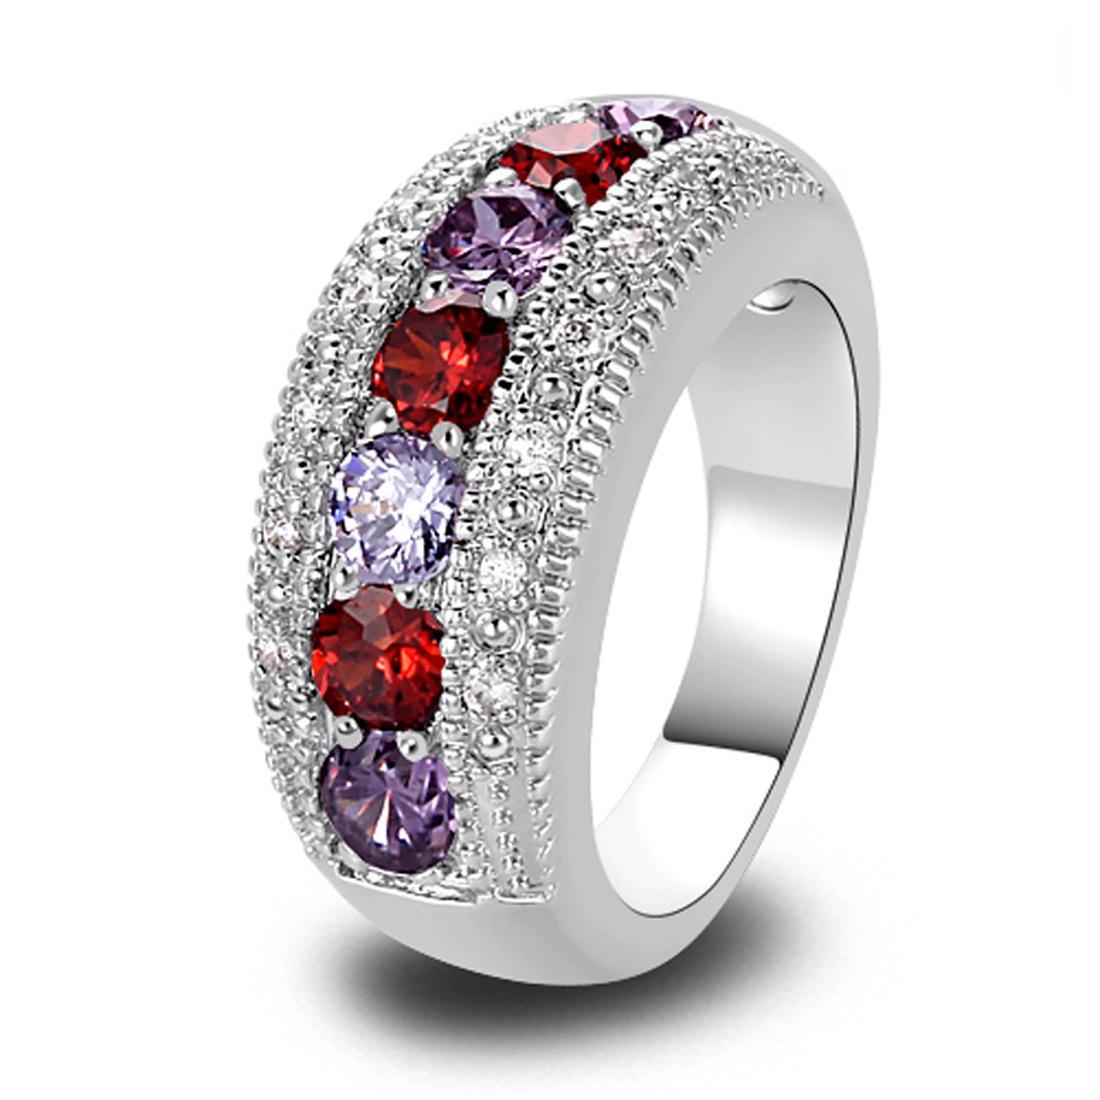 Оптово Щедрый Мода Lady Pink Кубический циркон турмалин серебряное кольцо размер 6 7 8 9 10 11 12 13 Романтический ювелирные изделия